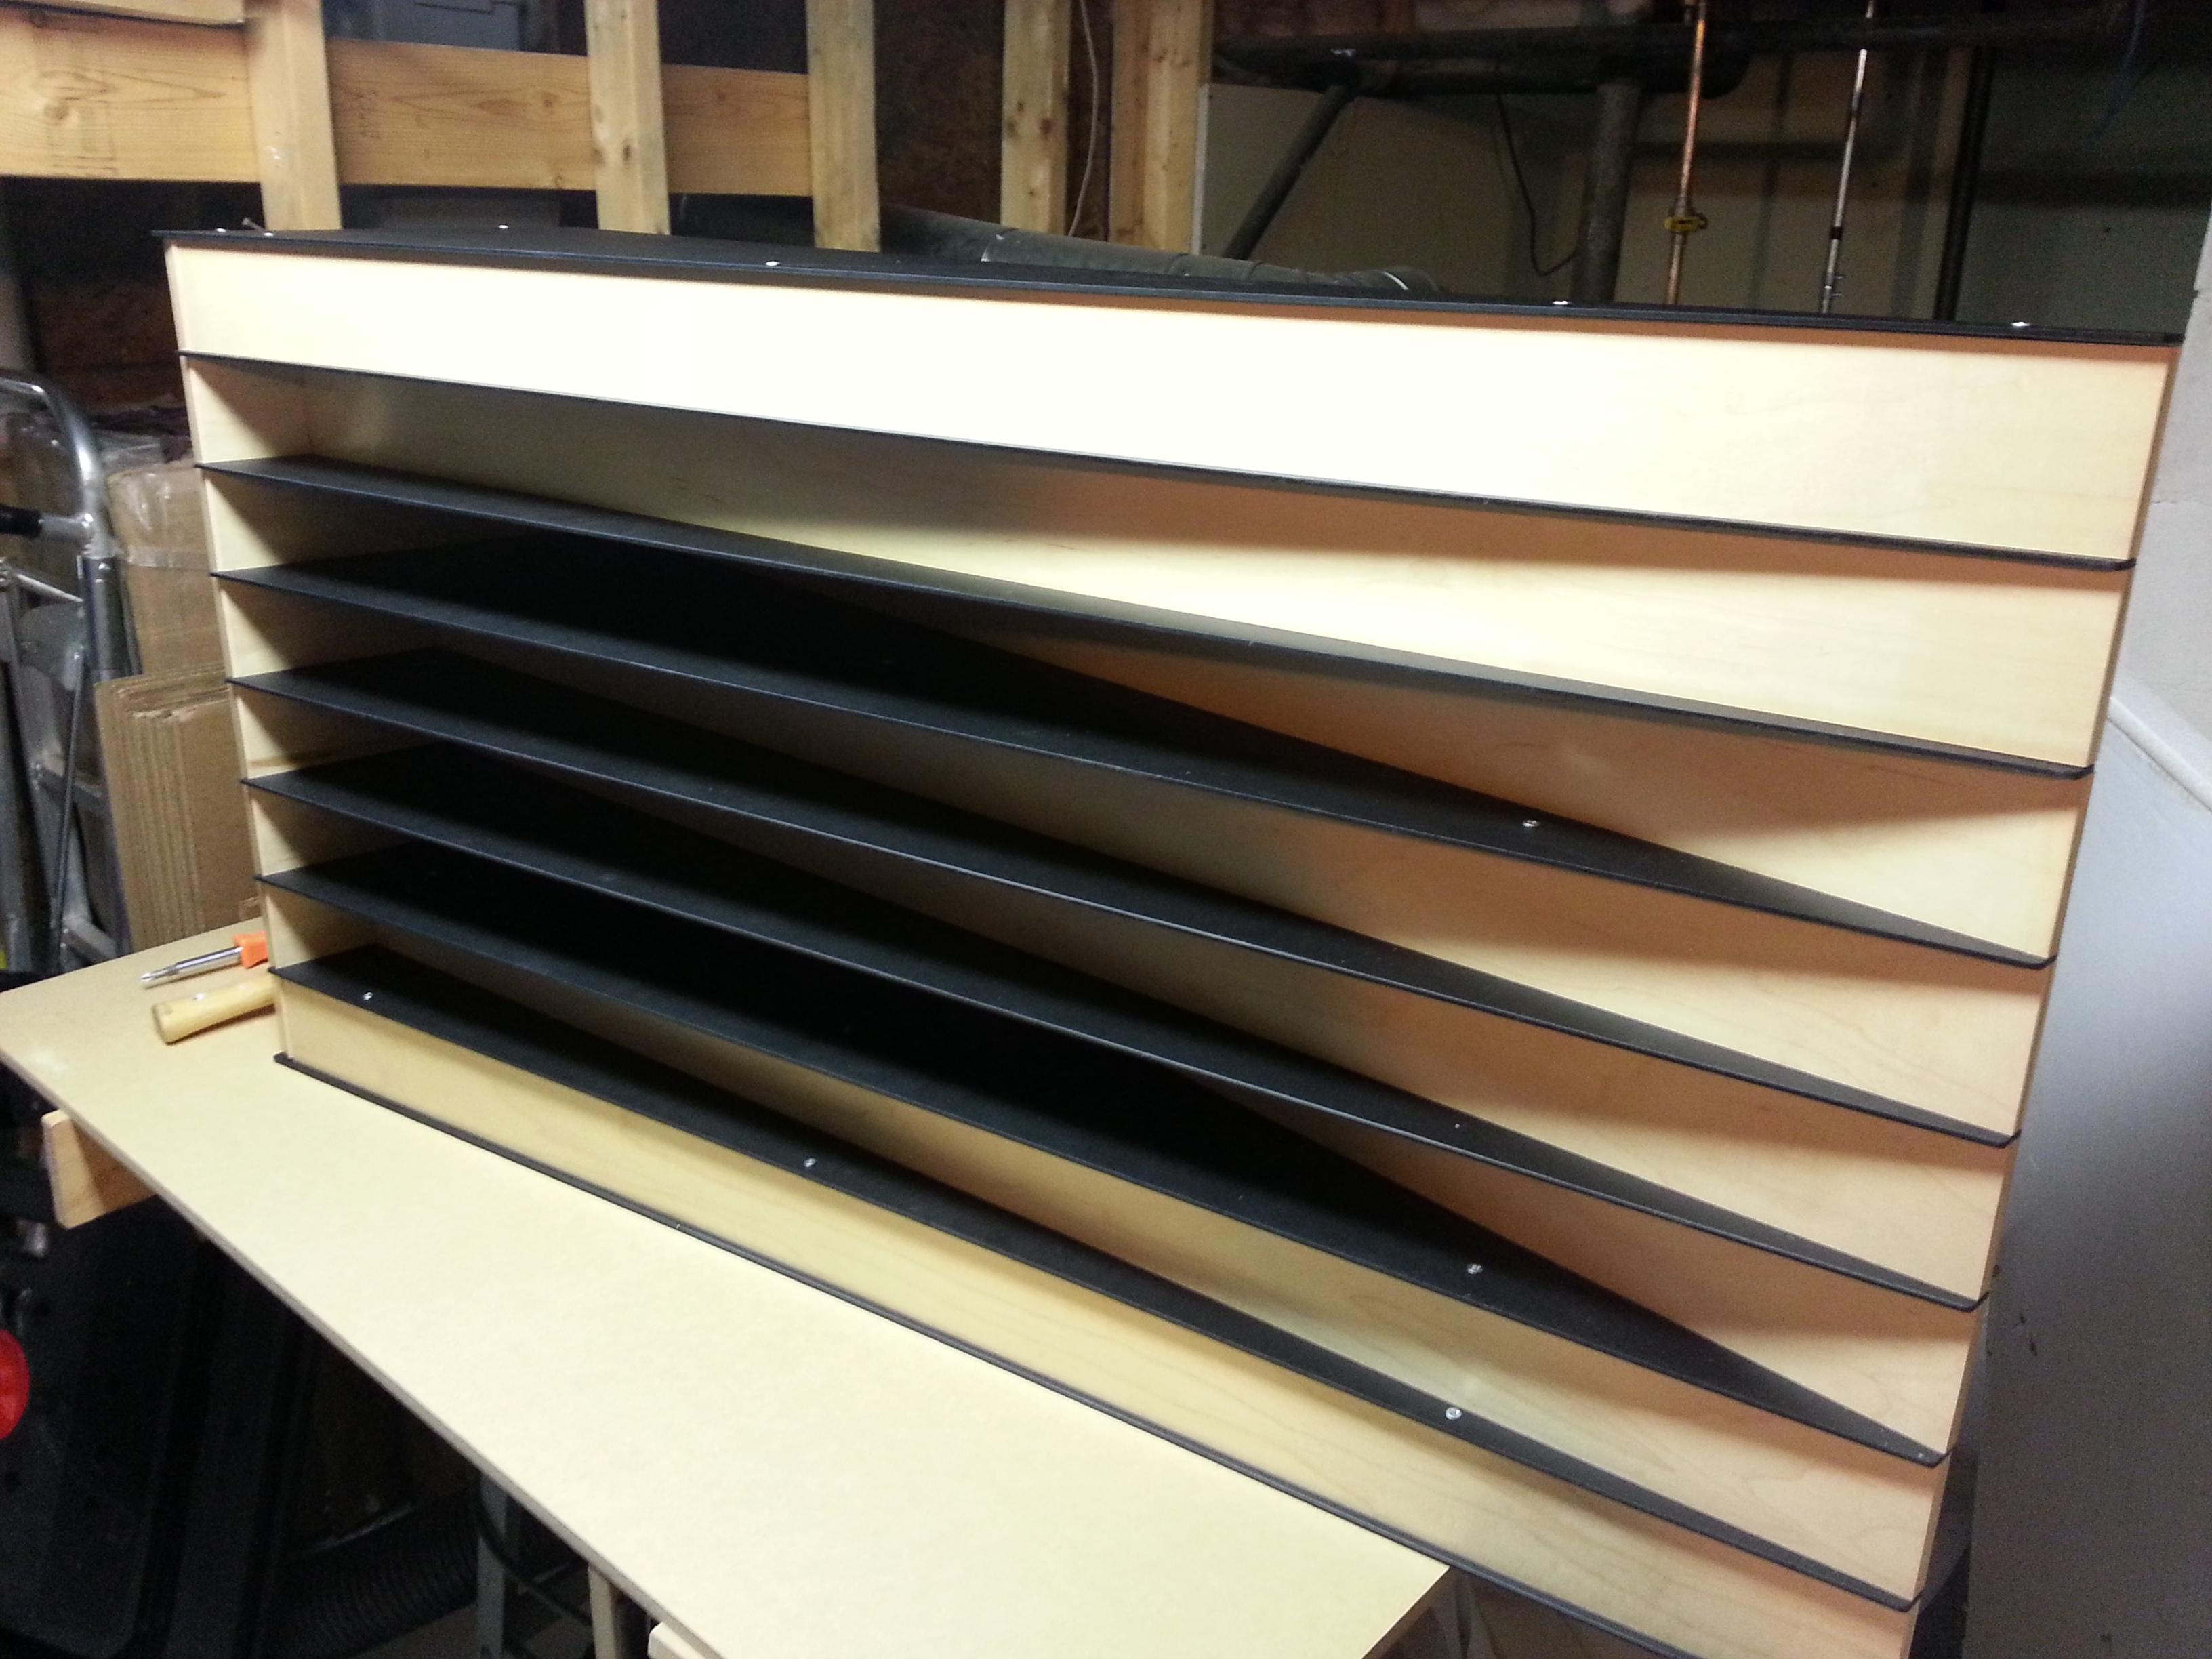 The Acoustic Ramp Diffuser Xix Acoustics